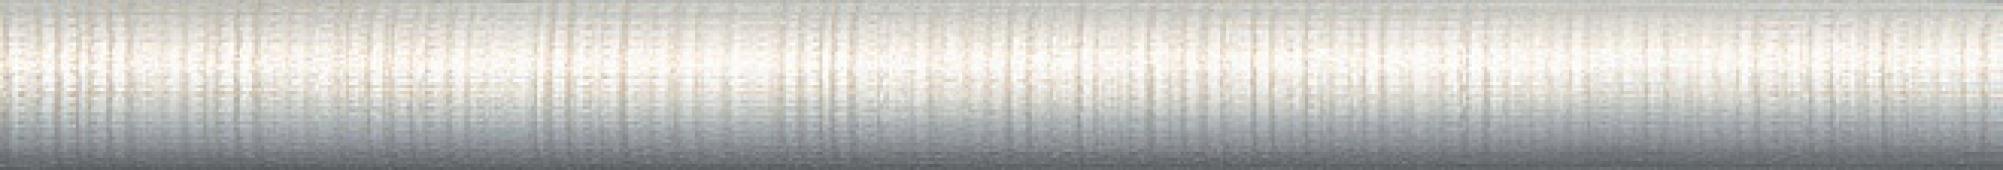 Бордюр Клери беж светлый обрезной 30*2,5